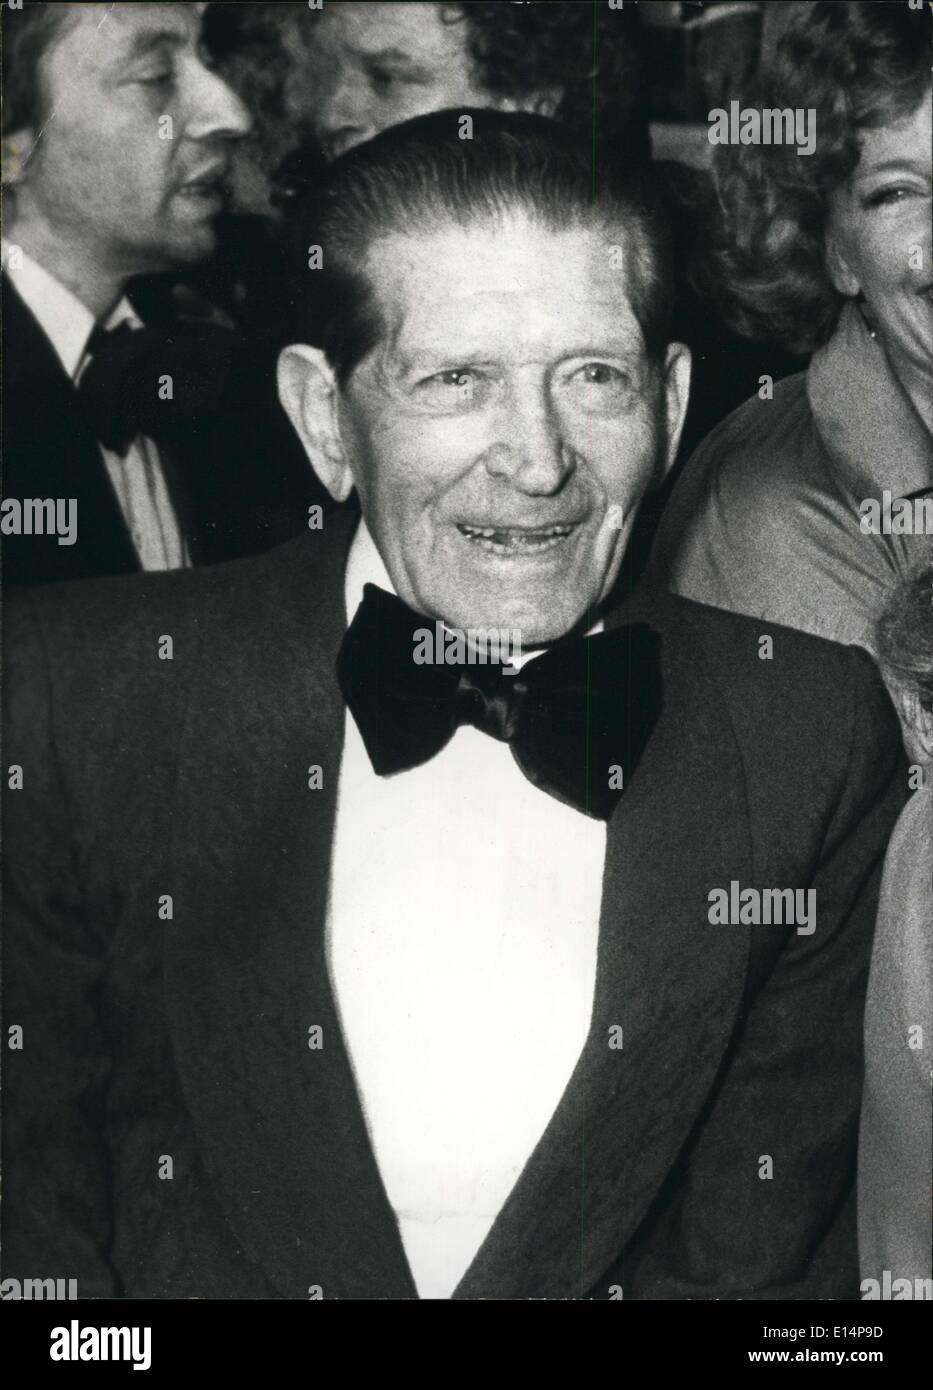 Apr. 12, 2012 - Actor Albert Prejean dies at age 85 - Stock Image